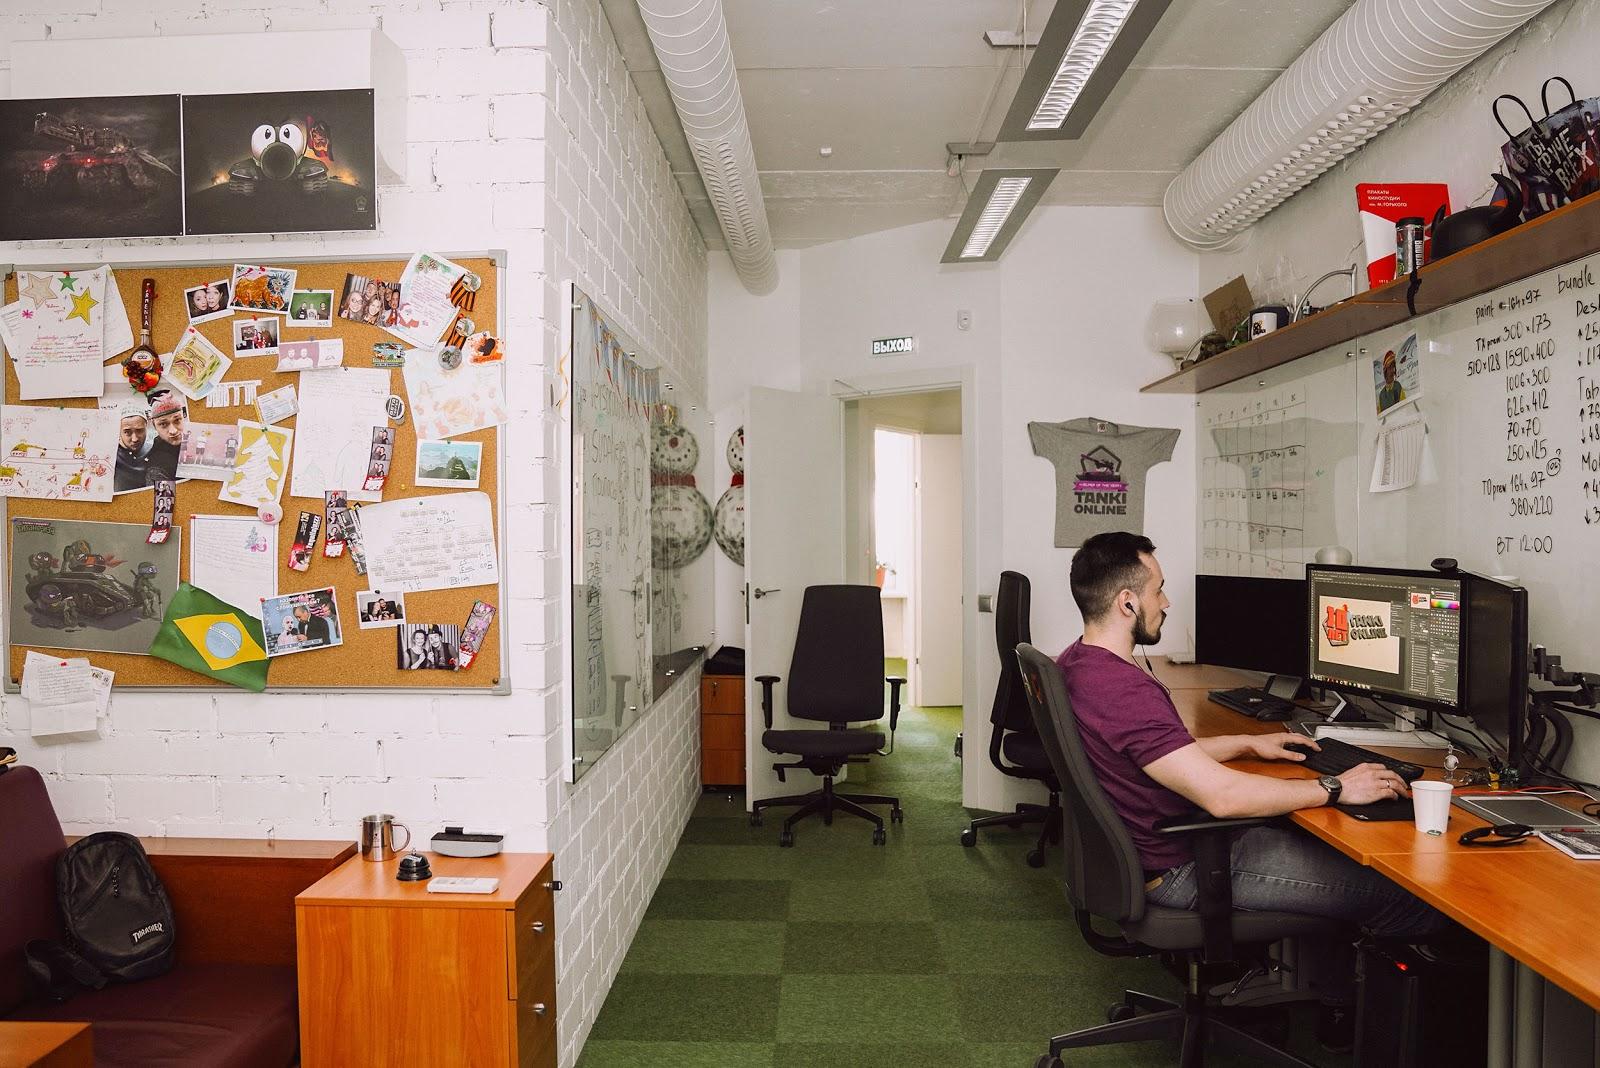 Комфортный офис — помогает работать или мешает и отвлекает? Ответят Sidenis, Alternativa Games и FunBox - 12